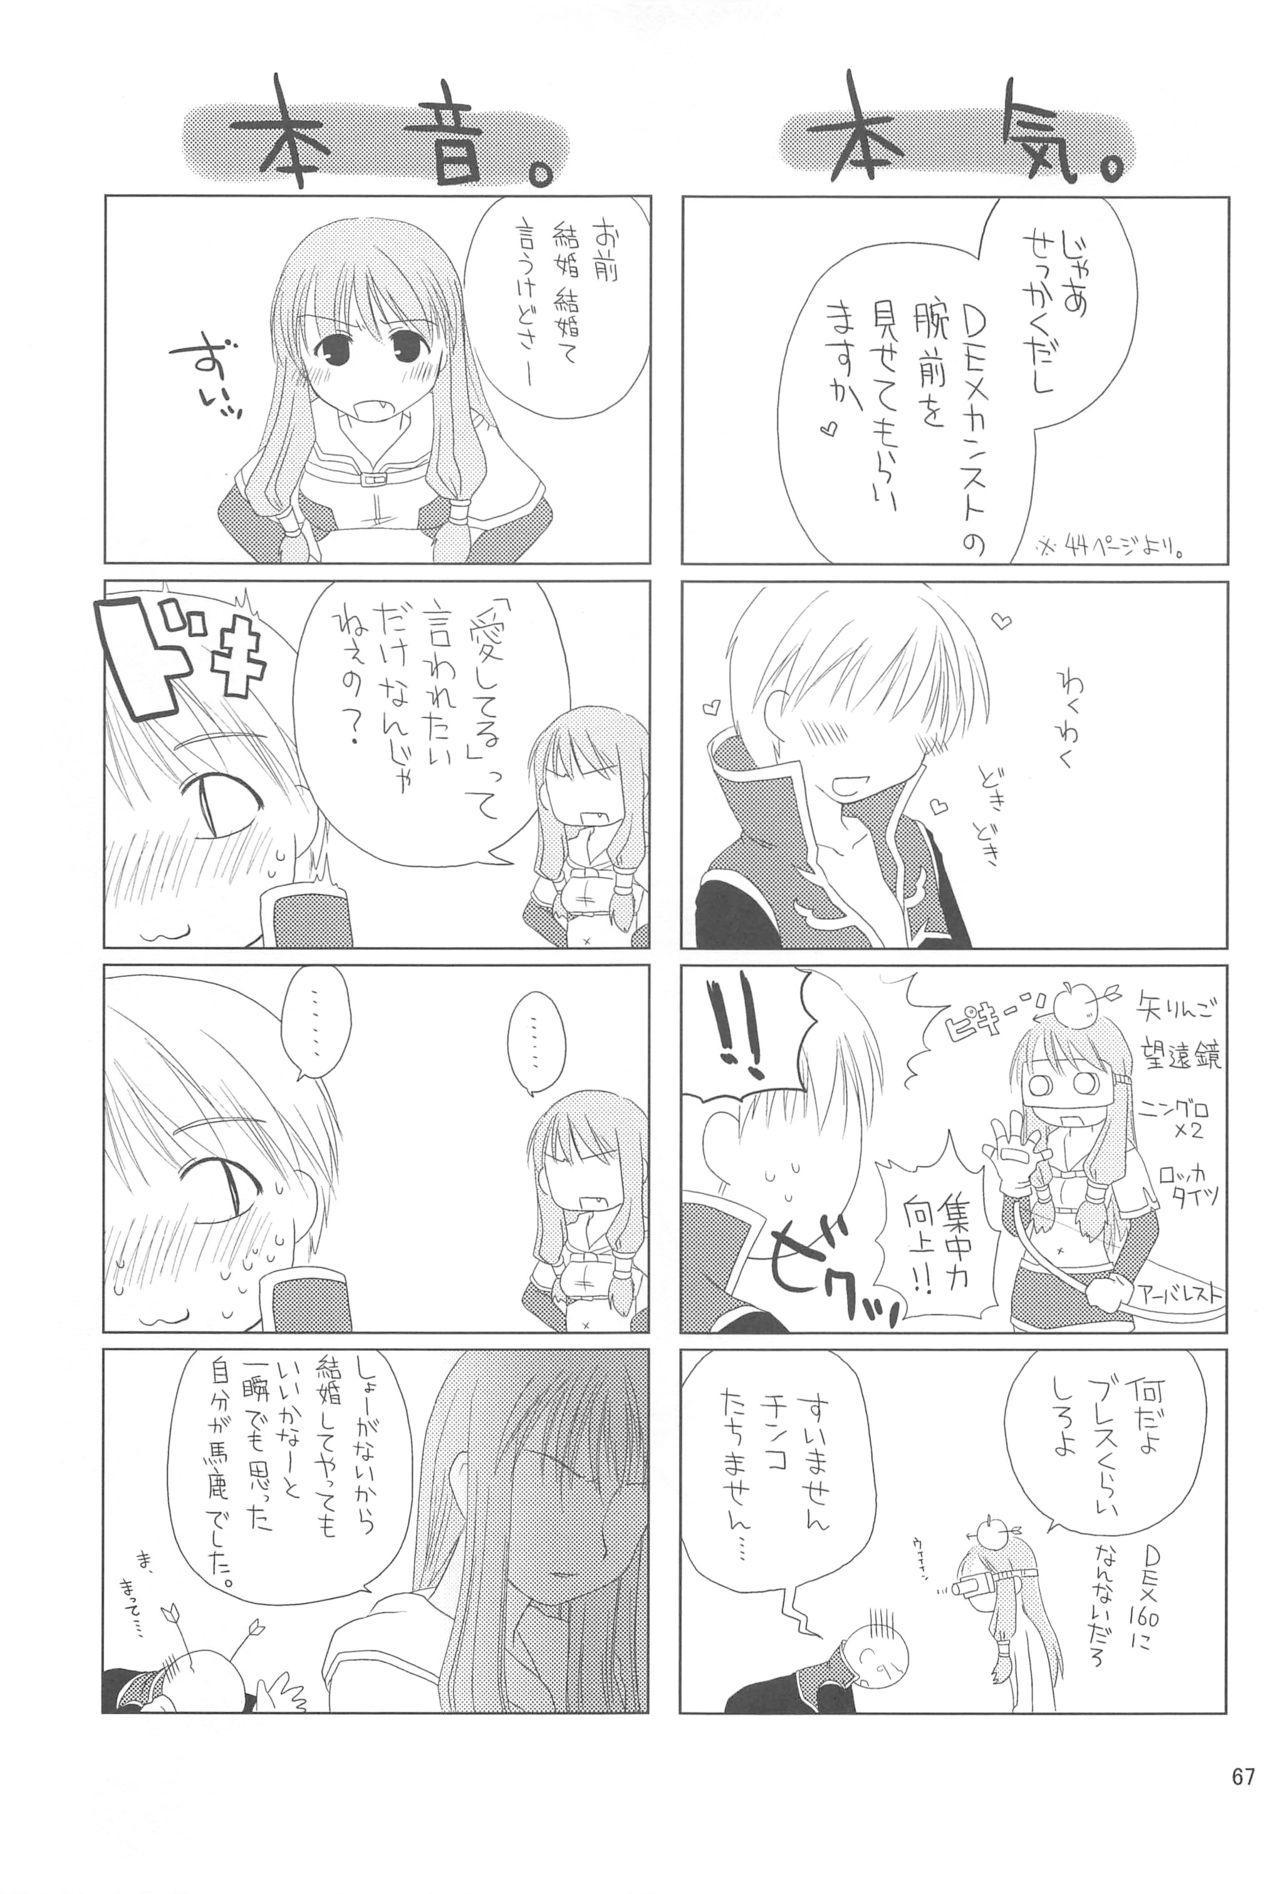 Quagmire no Chuushin de, Shuuchuuryoku Koujou to Sakebu 65